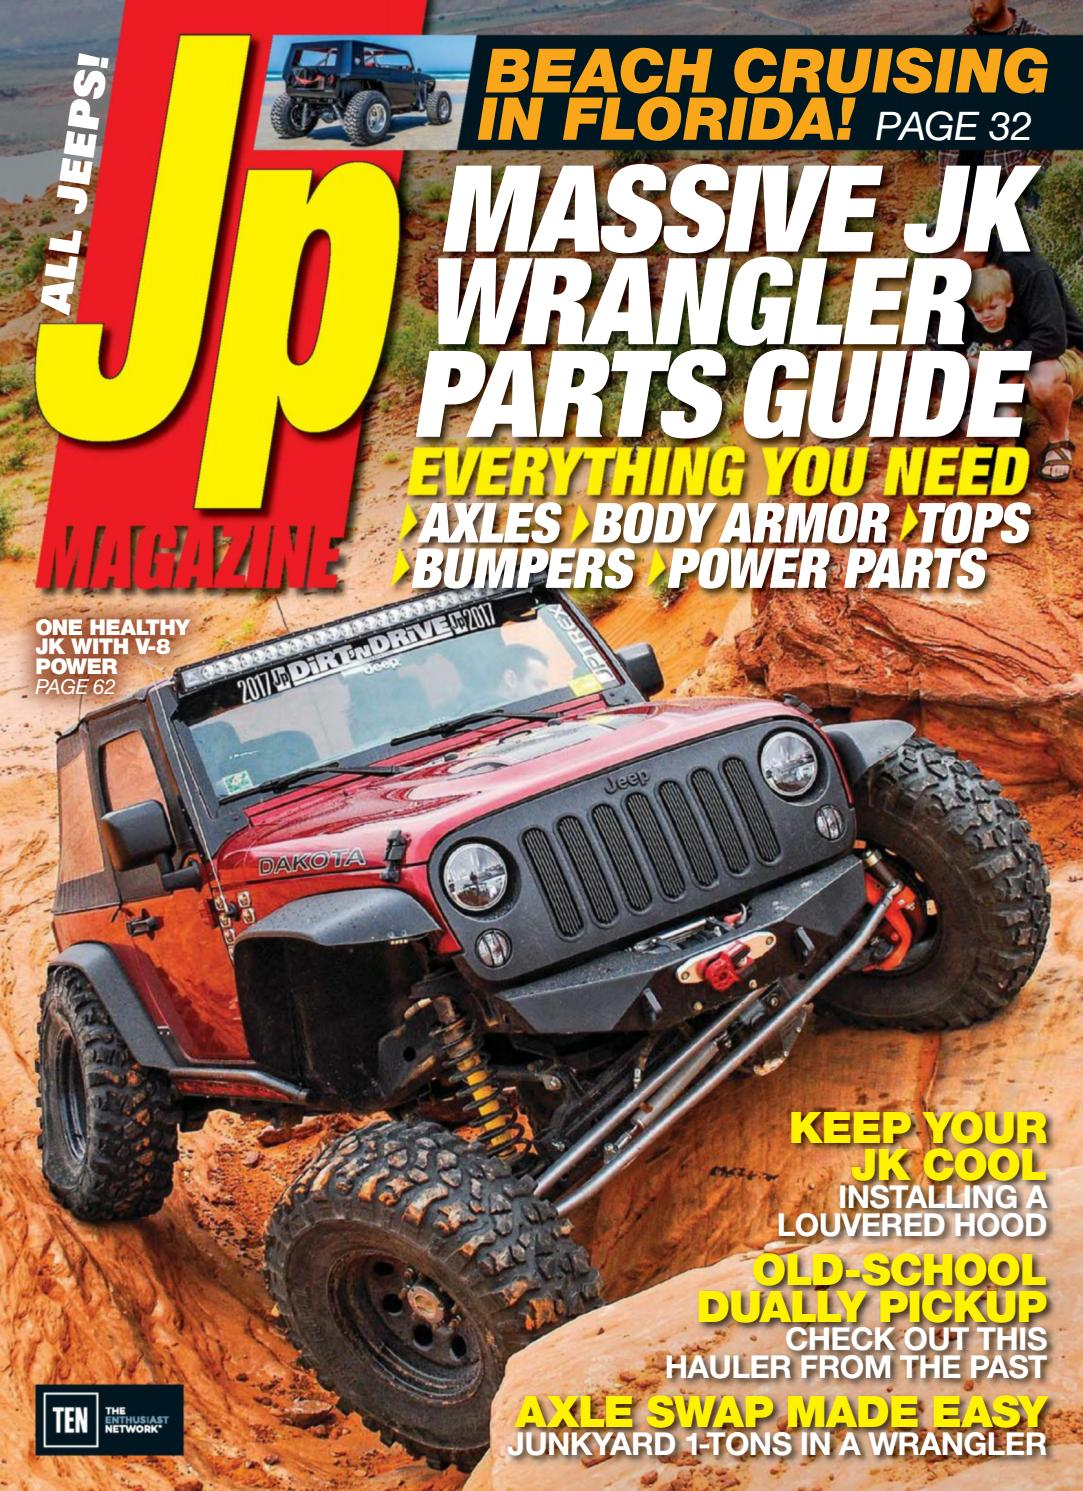 Jeep Wrangler JK Replacement Headlight Bracket Brackets Buckets PAIR 2007-2018 Left /& Right Driver /& Passenger